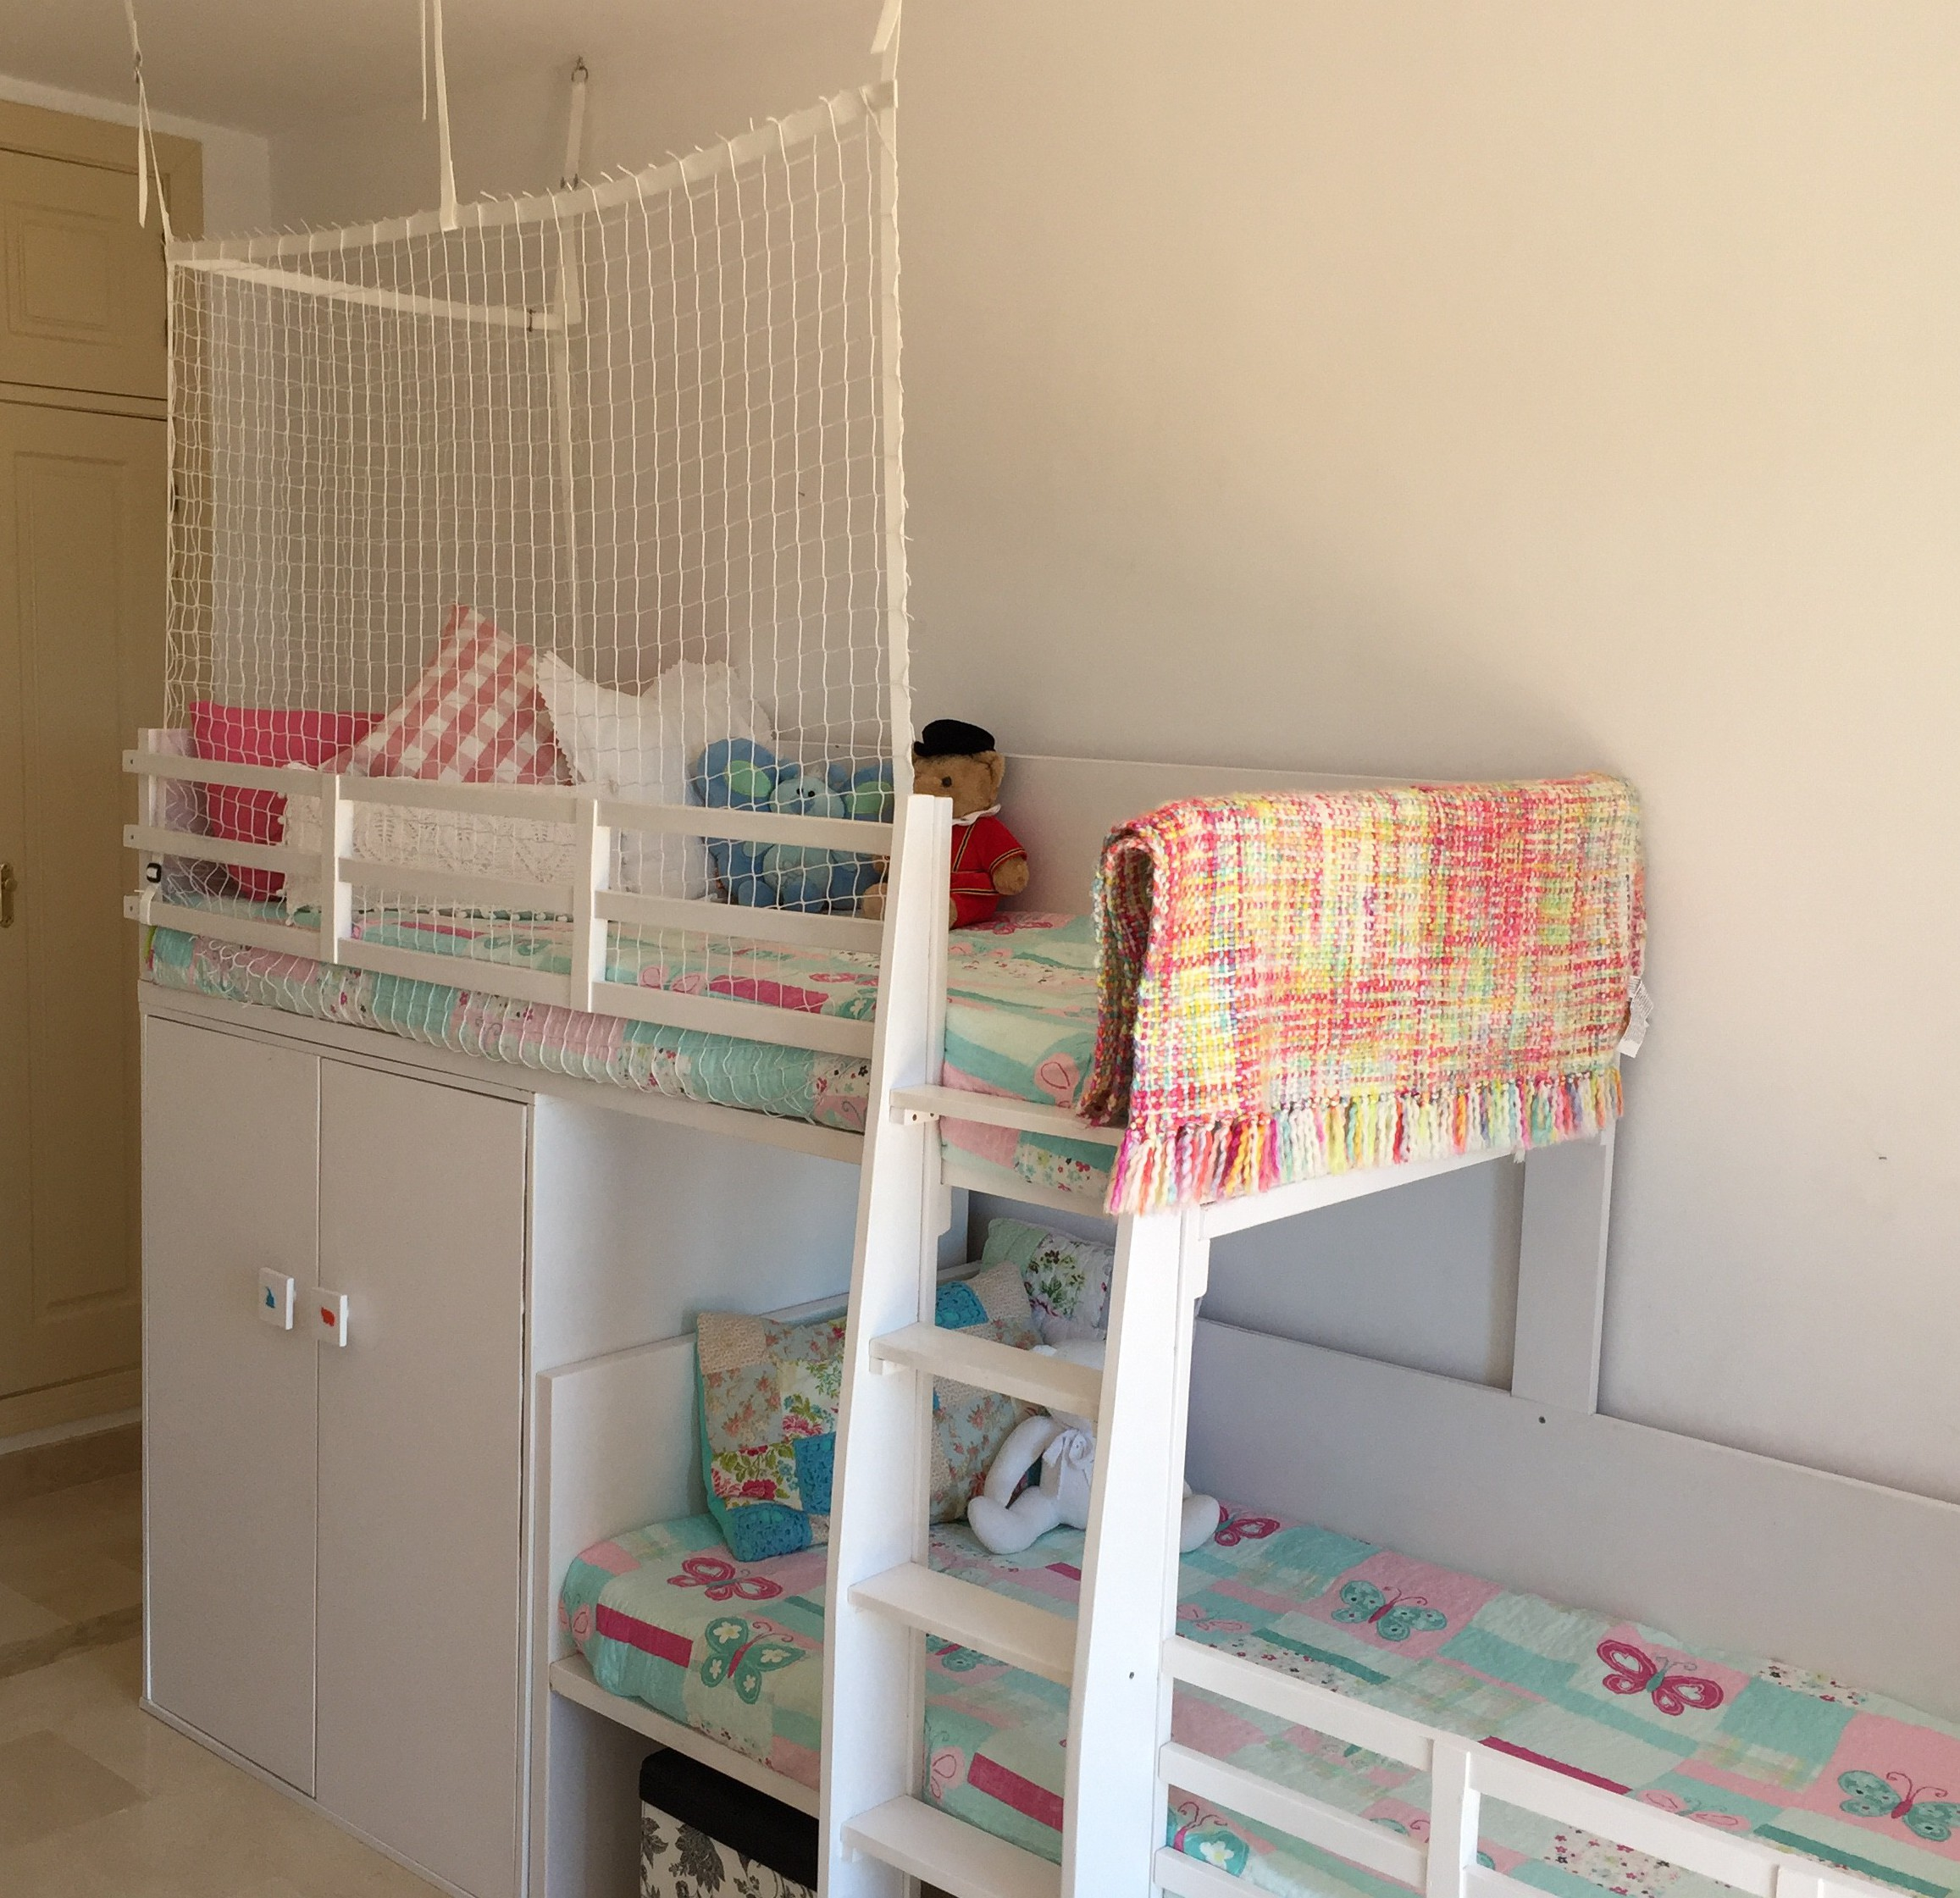 Barandillas máxima seguridad para camas altas y literas. Quitamiendos literas. Protección anticaidas.